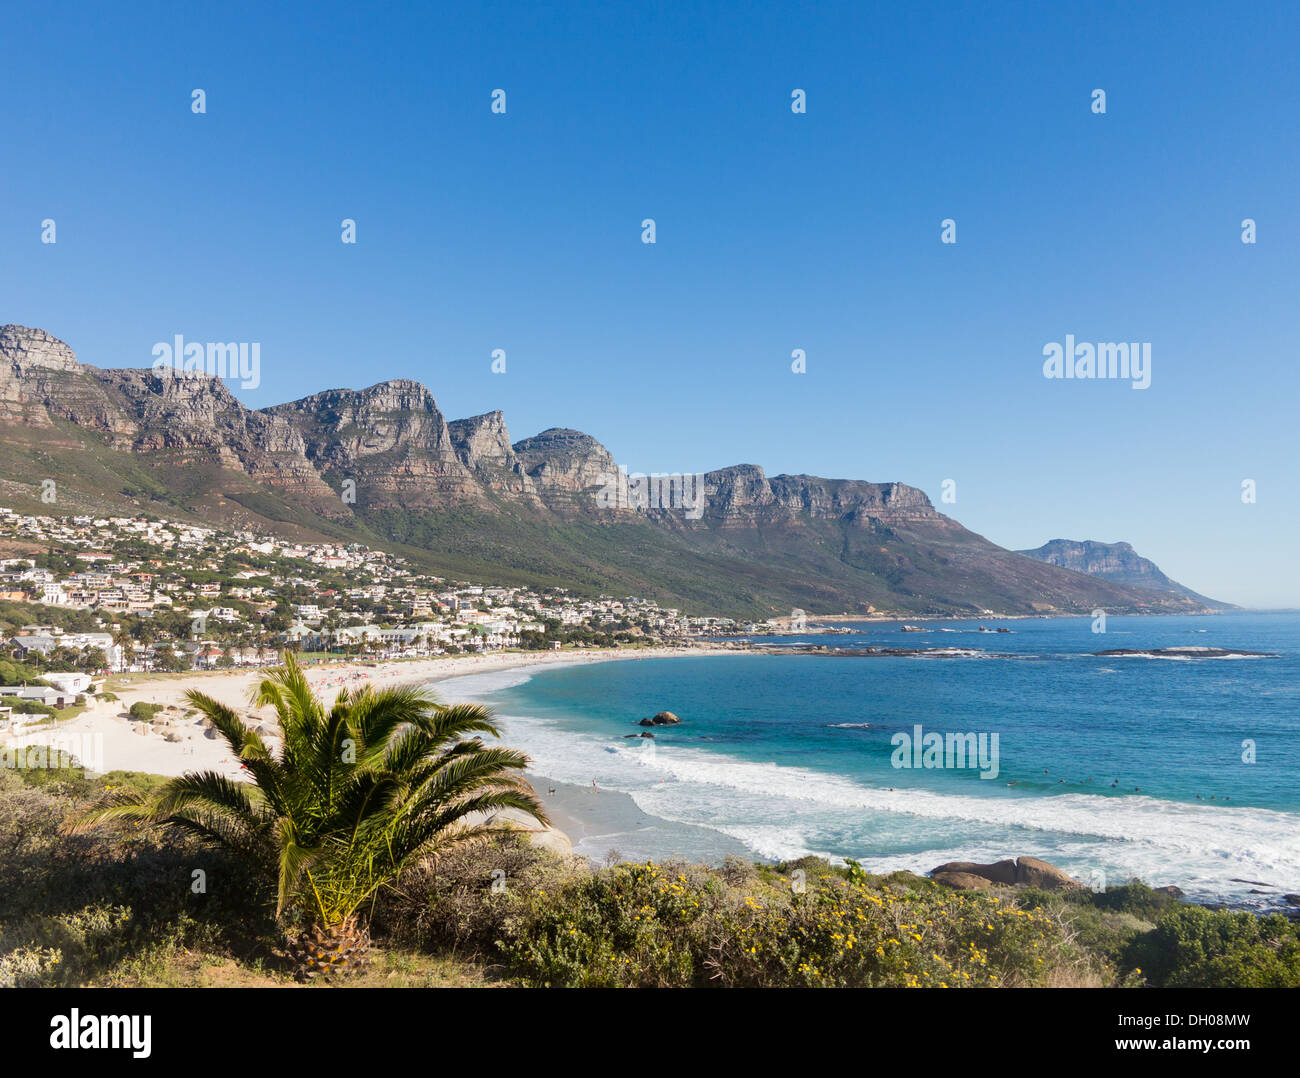 Playa de Camps Bay Ciudad del Cabo con la Table Mountain en Sudáfrica, Costa de fondo Imagen De Stock